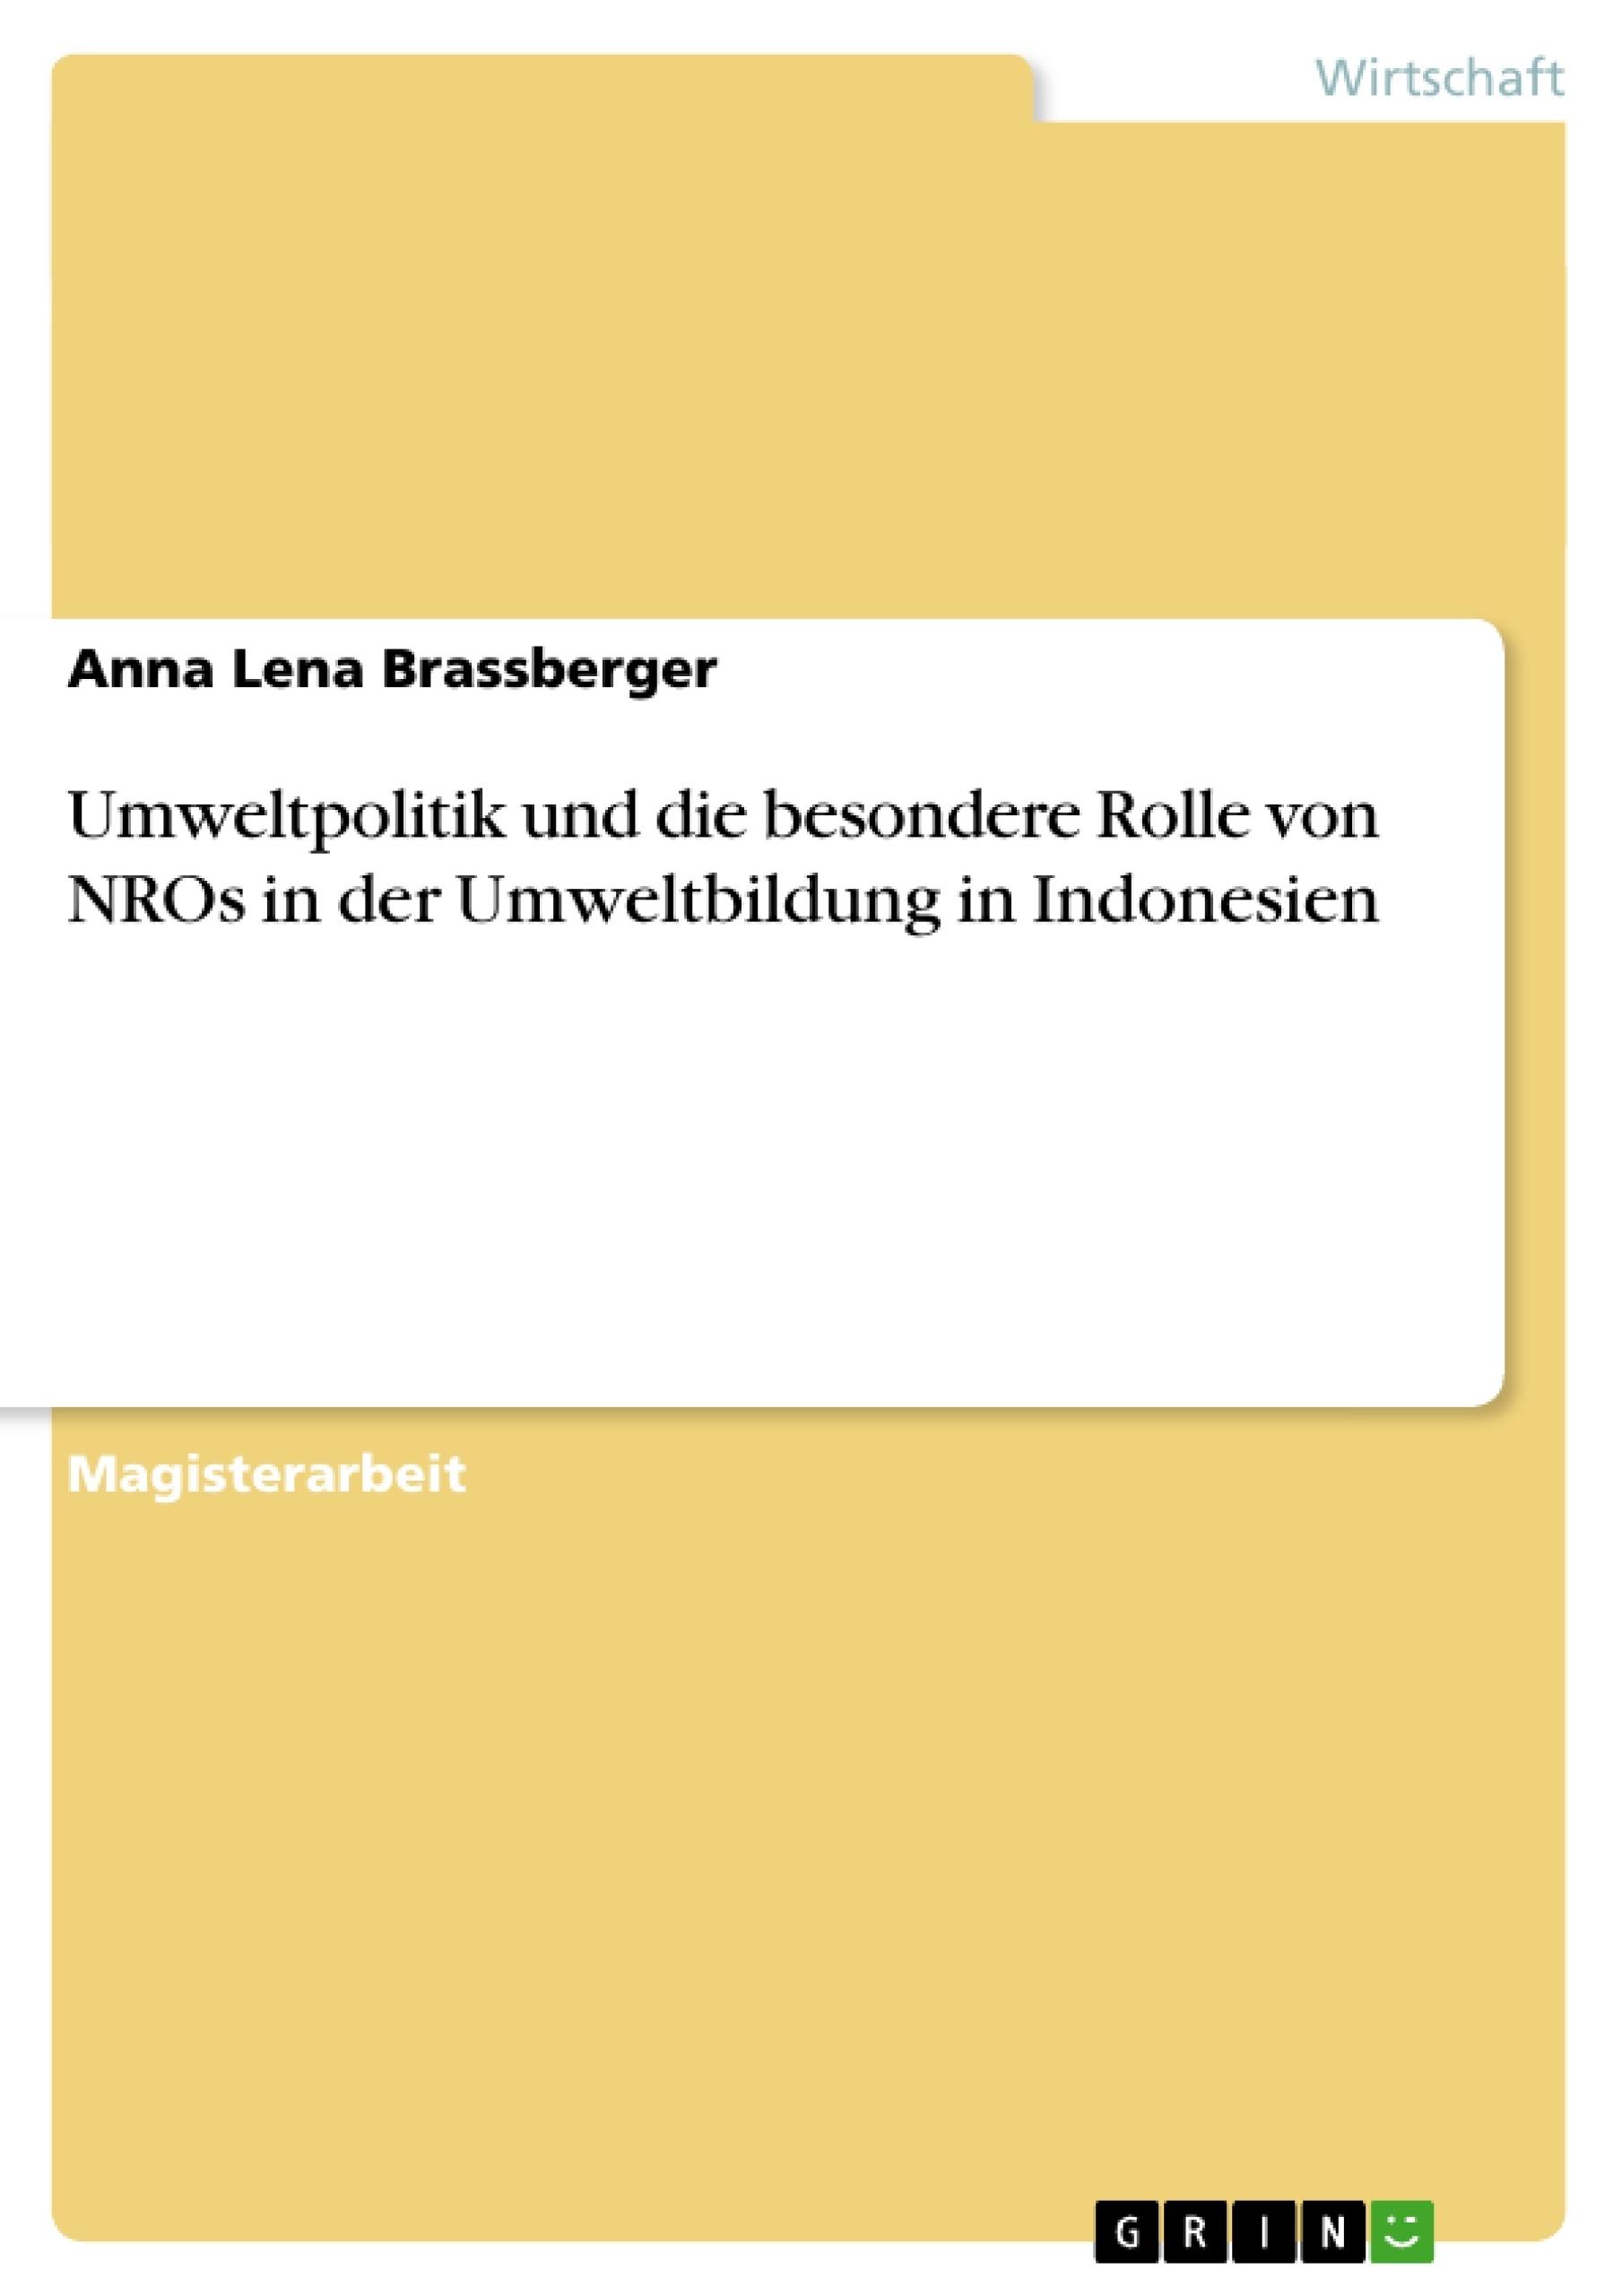 Umweltpolitik und die besondere Rolle von NROs in der ...